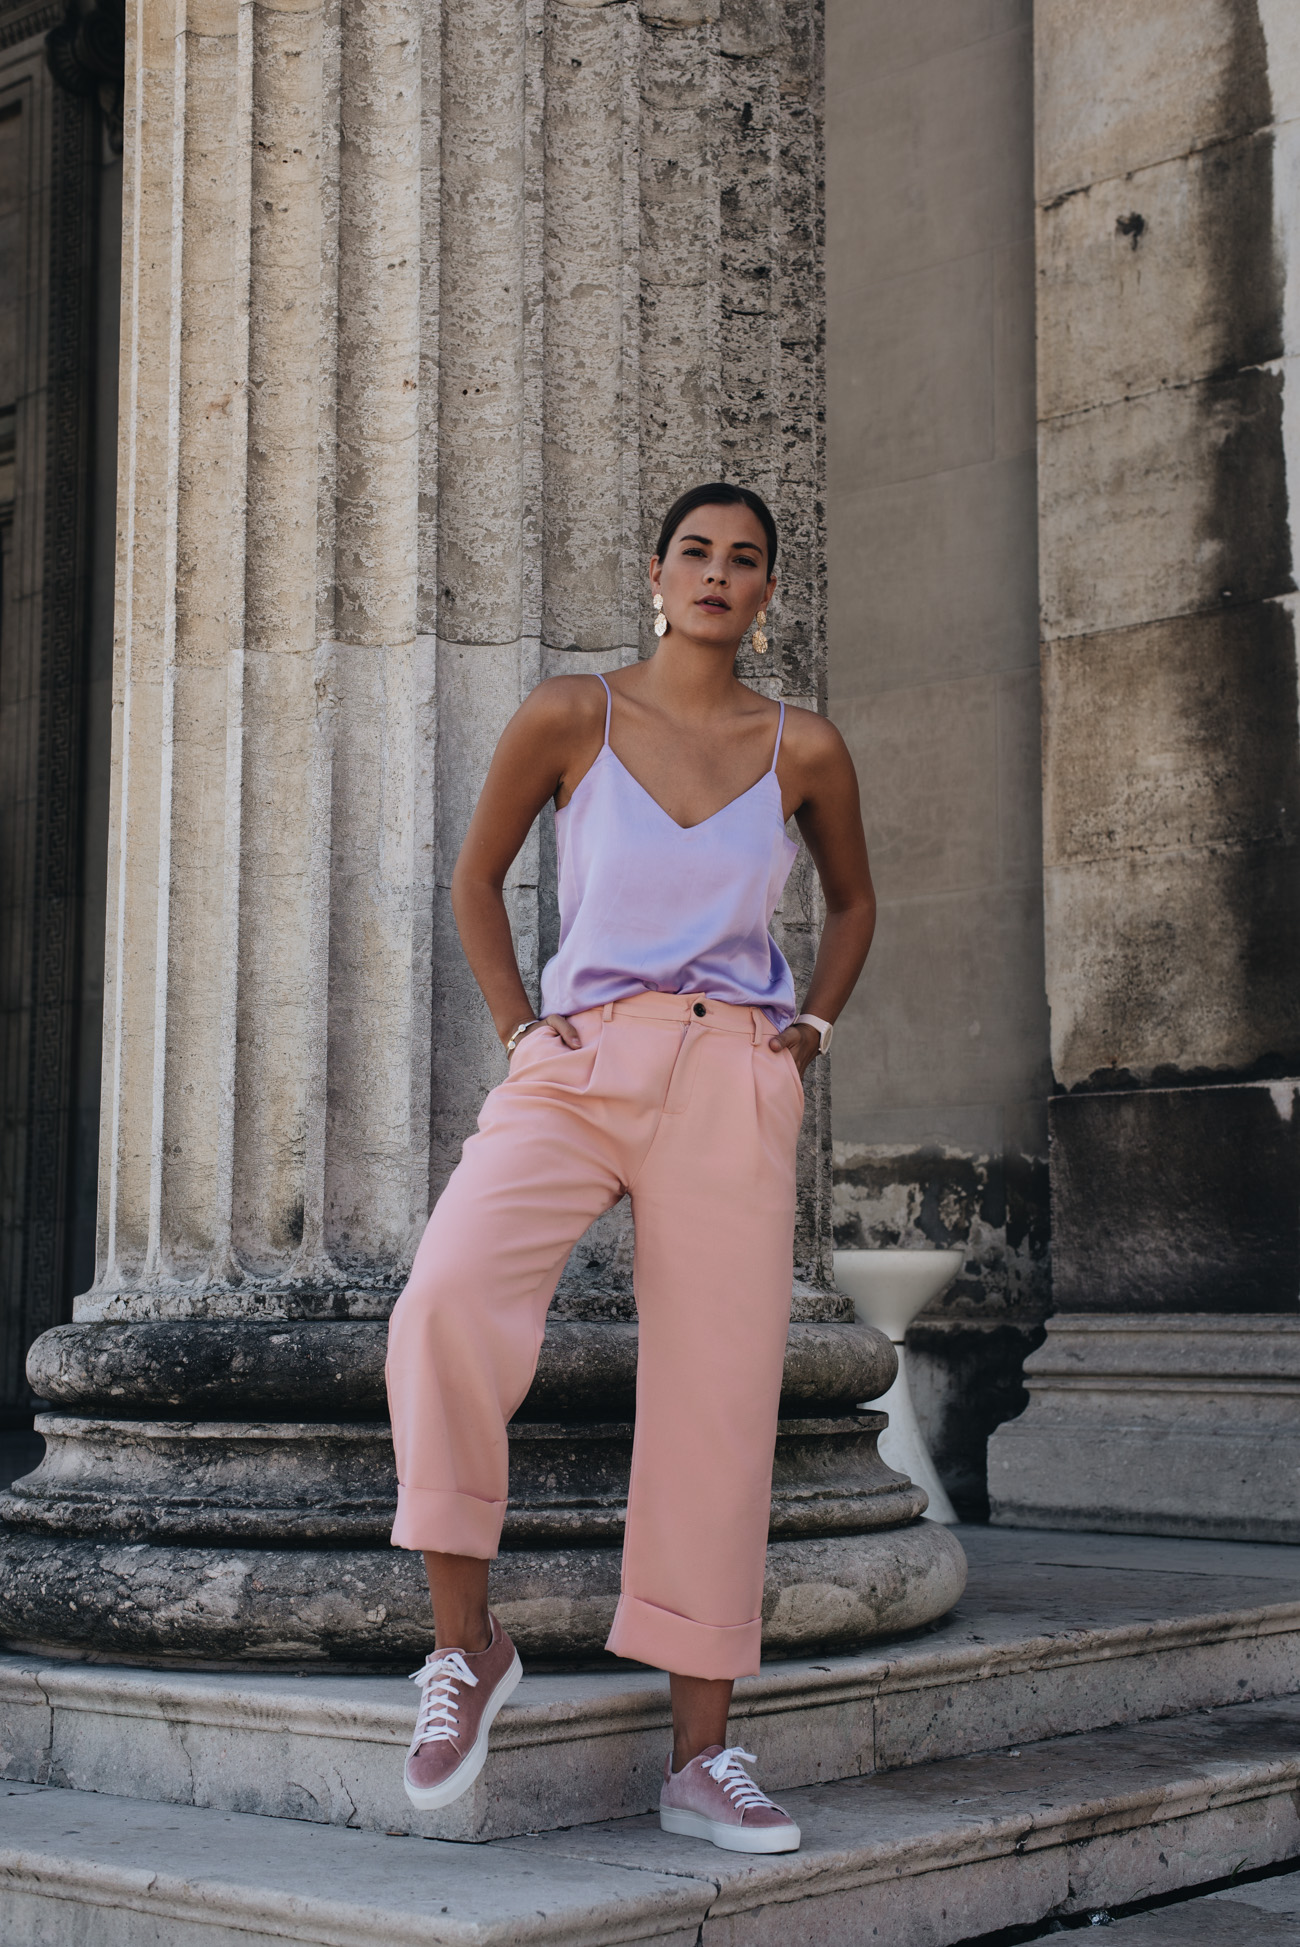 fashion-editorial-shooting-münchen-architektur-fashiioncarpet-nina-schwichtenberg